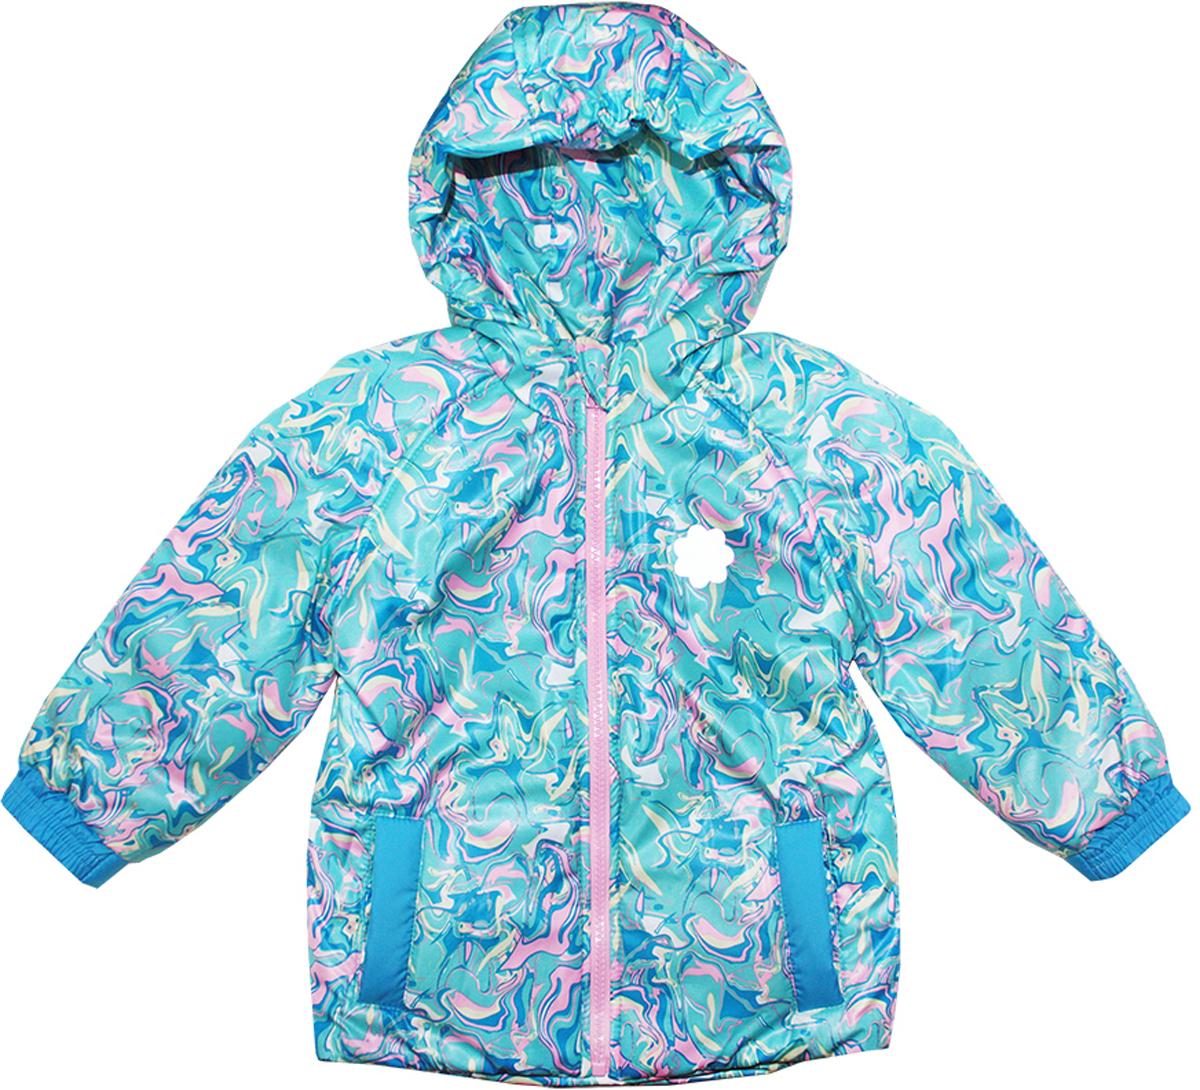 Куртка для девочки КотМарКот, цвет: бирюзовый, розовый. 25102. Размер 92/98, 2-3 года25102Куртка для девочки КотМарКот c длинными рукавами и несъемным капюшоном выполнена из прочного полиэстера. Наполнитель - синтепон. Подкладка изготовлена из натурального хлопка. Модель застегивается на застежку-молнию спереди. Изделие имеет два втачных кармана спереди. Рукава оснащены эластичными манжетами. Куртка оформлена оригинальным абстрактным принтом и дополнена светоотражающими элементами спереди и на спинке.